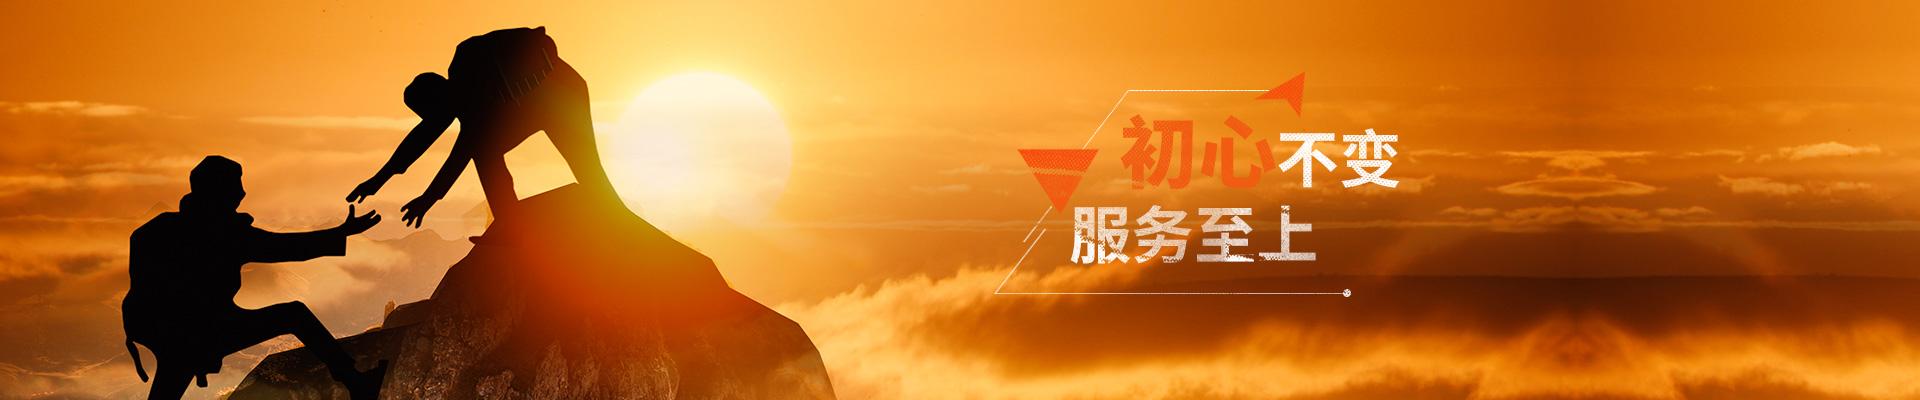 上海轩辕展览服务nba山猫直播在线观看公司介绍